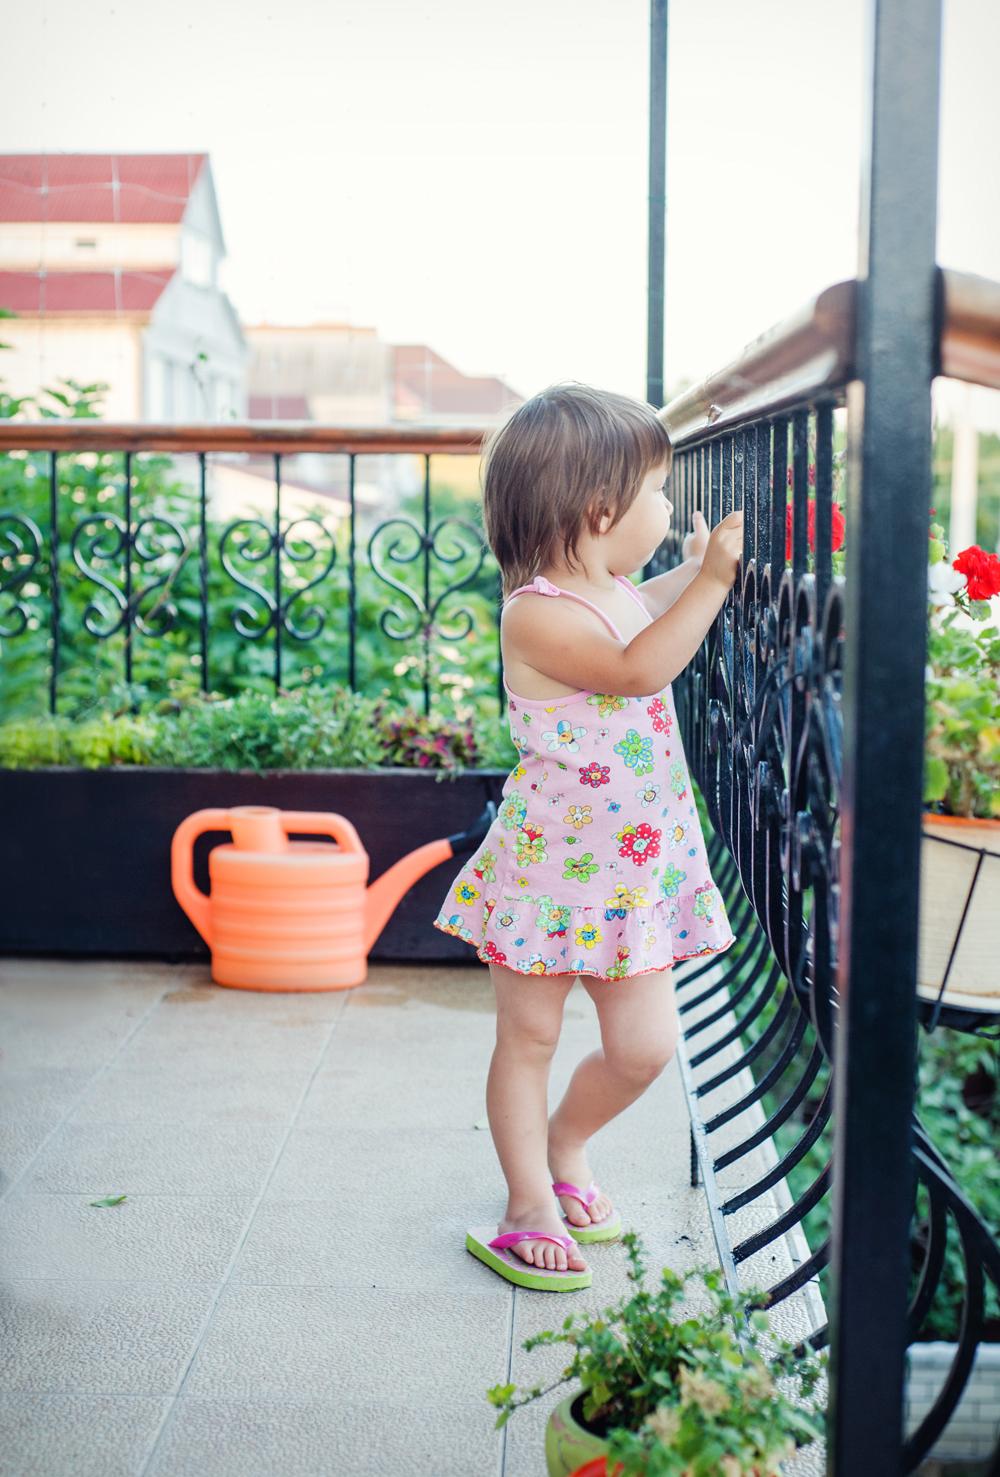 52 ГАЛЕРЕЯ - Малюки - Фотозйомка дітей це радість для всіх - і для батьків, і для дітей і для самого фотографа!)